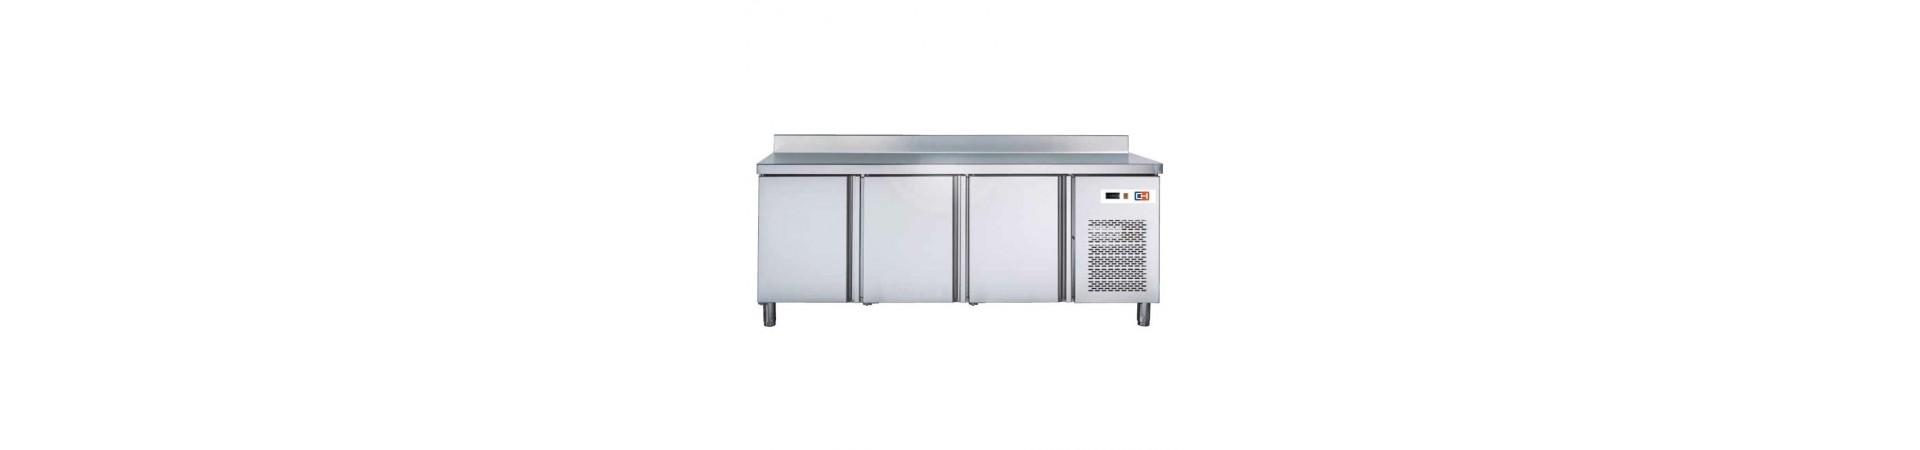 Mesas frías online con garantía y envío rápido. Variedad de modelos.